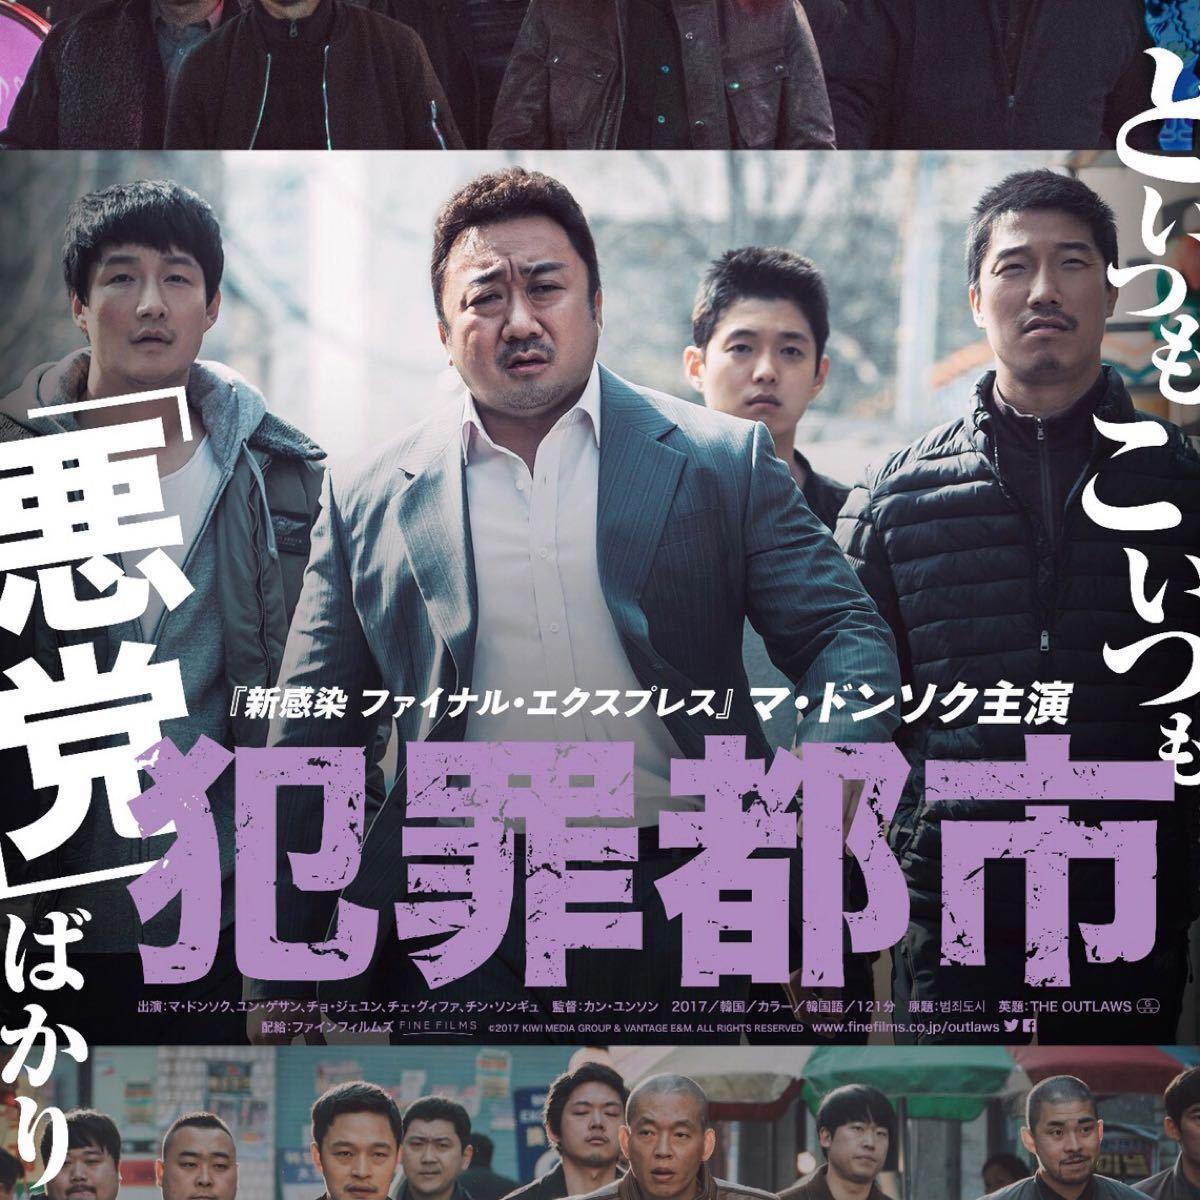 韓国映画  犯罪都市  マ・ドンソク  ユン・ゲサン  DVD  日本語吹替有り  レーベル有り